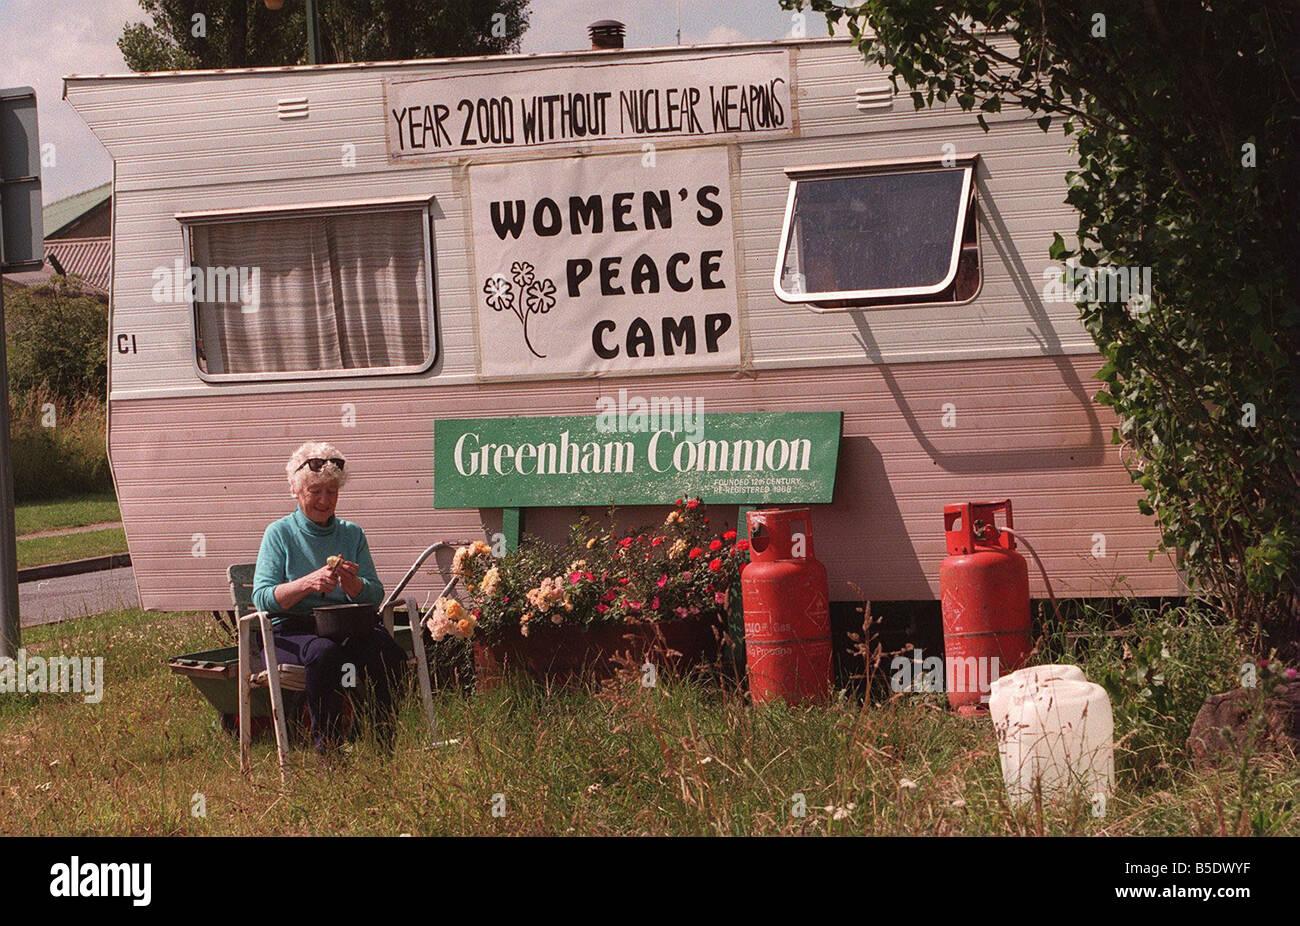 Die restlichen Greenham Common Frau Demonstranten Penny bereitet Abendessen außerhalb ihrer Wohnwagen Kartoffeln Stockbild